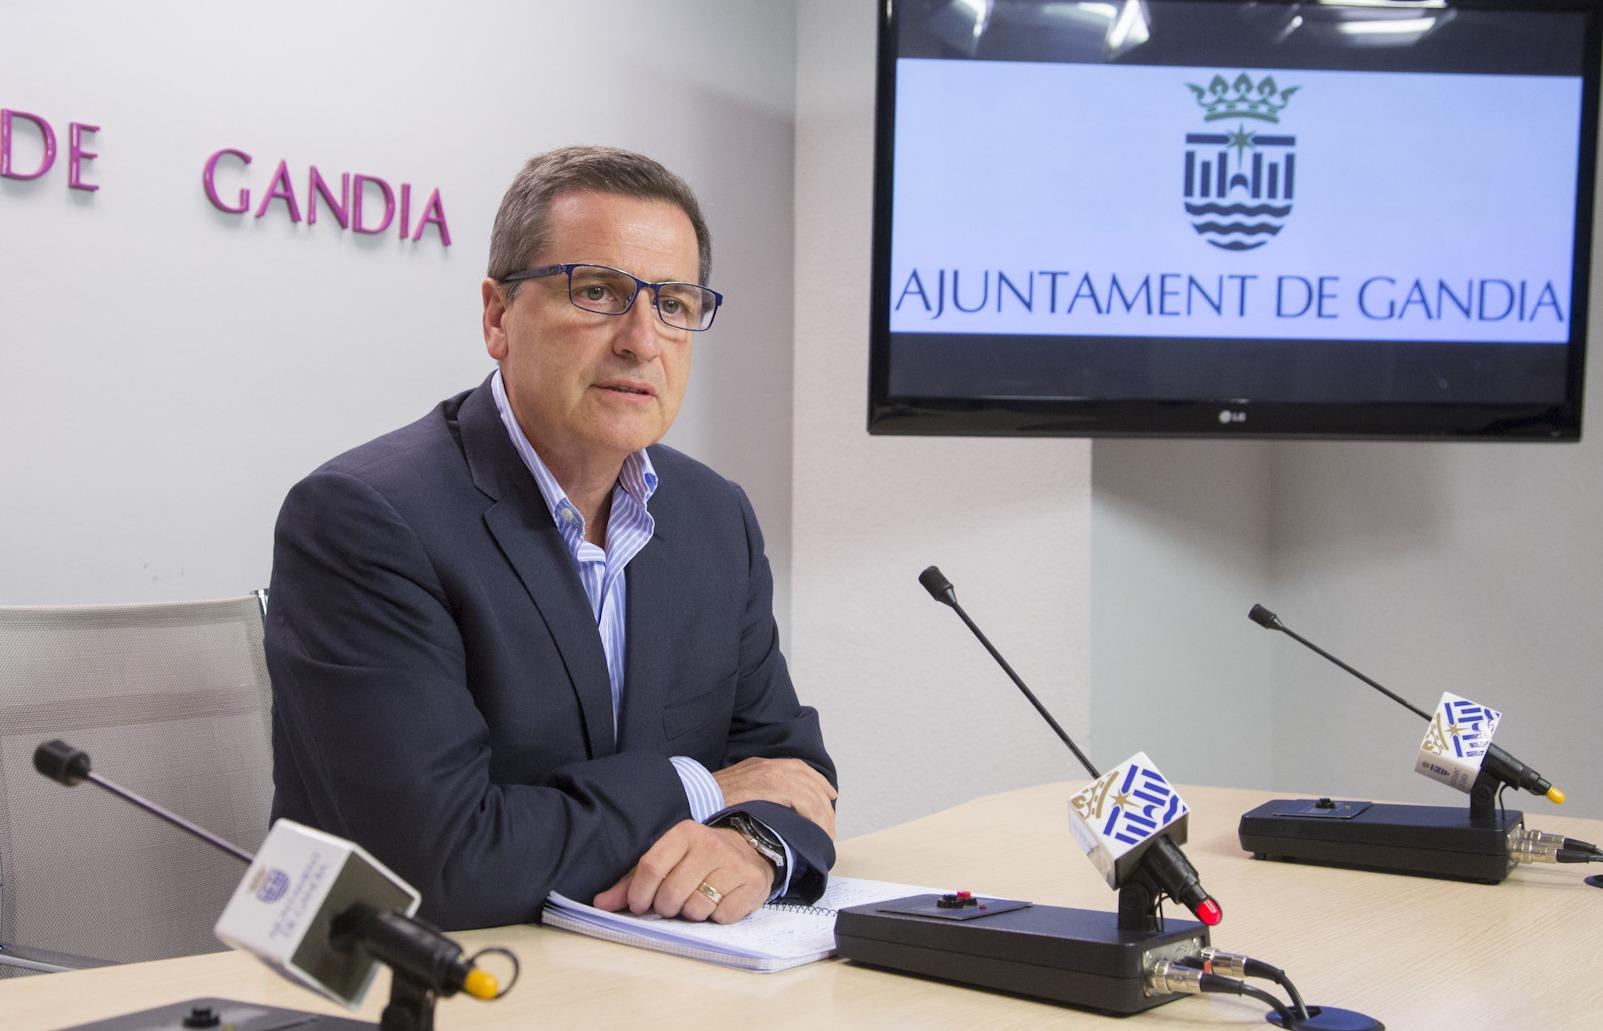 El Ayuntamiento de Gandia niega las acusaciones de Torró